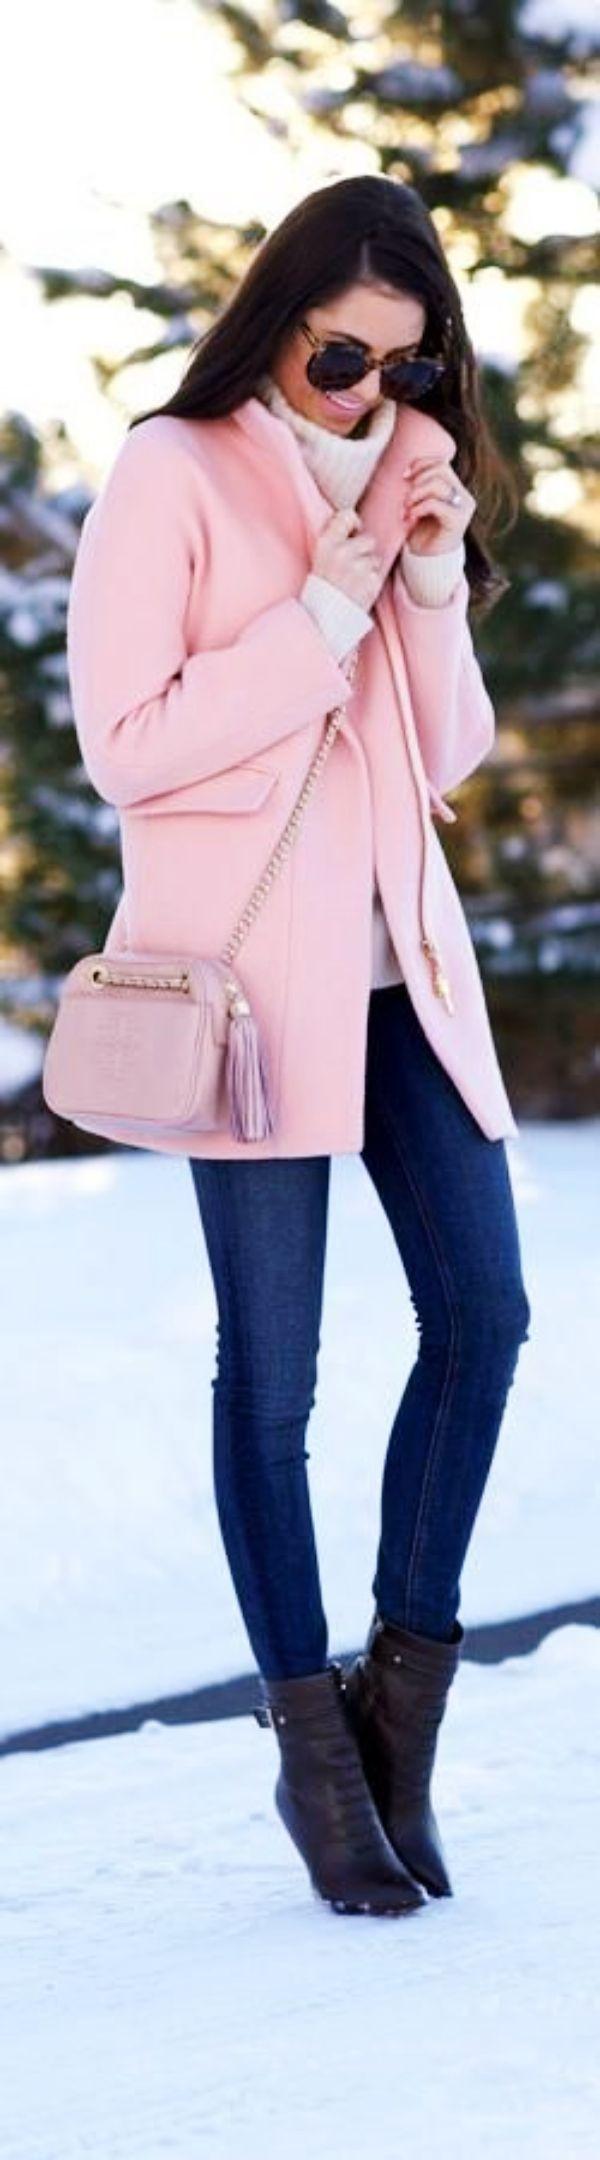 Sind-Die-Ideen-Office-Frauen-40-Outfits-Für-Winter